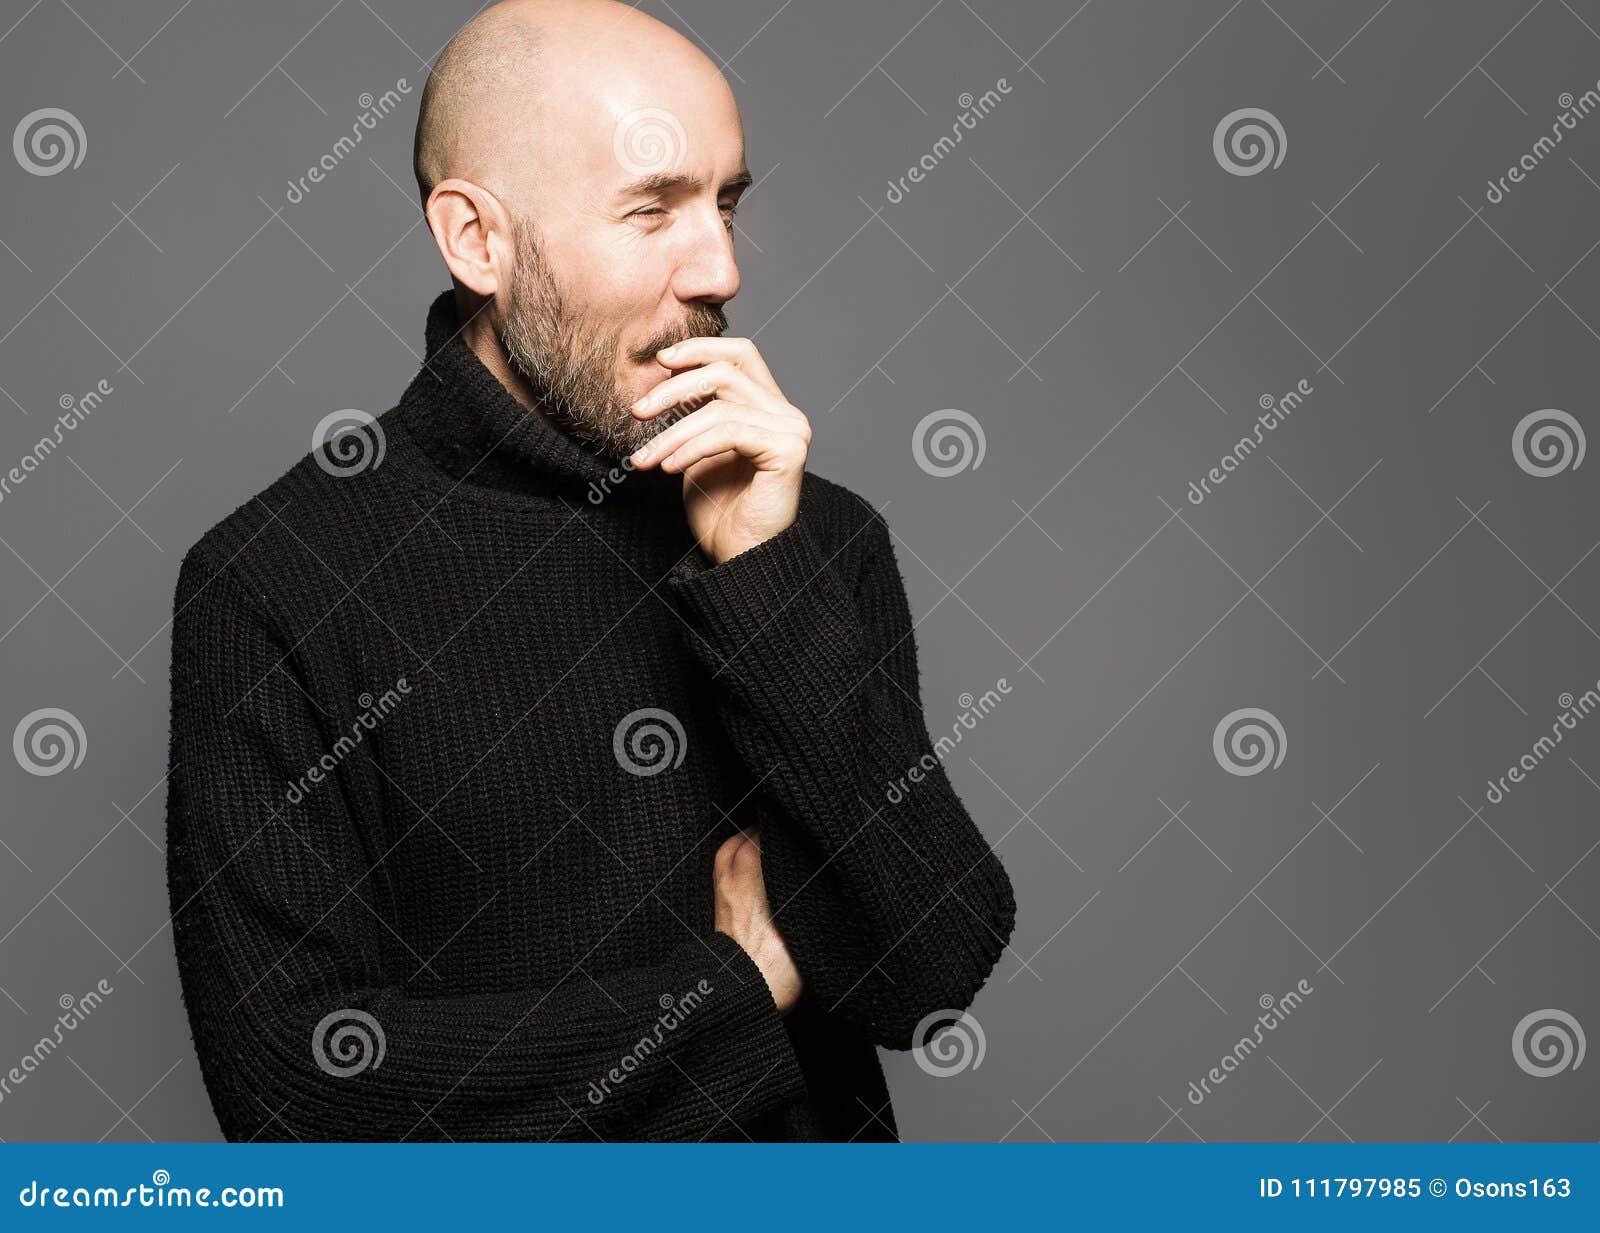 Le De 40 Façonnez Dessus Ans Tenant Portrait Homme Se Au D'un qwSIXFxId